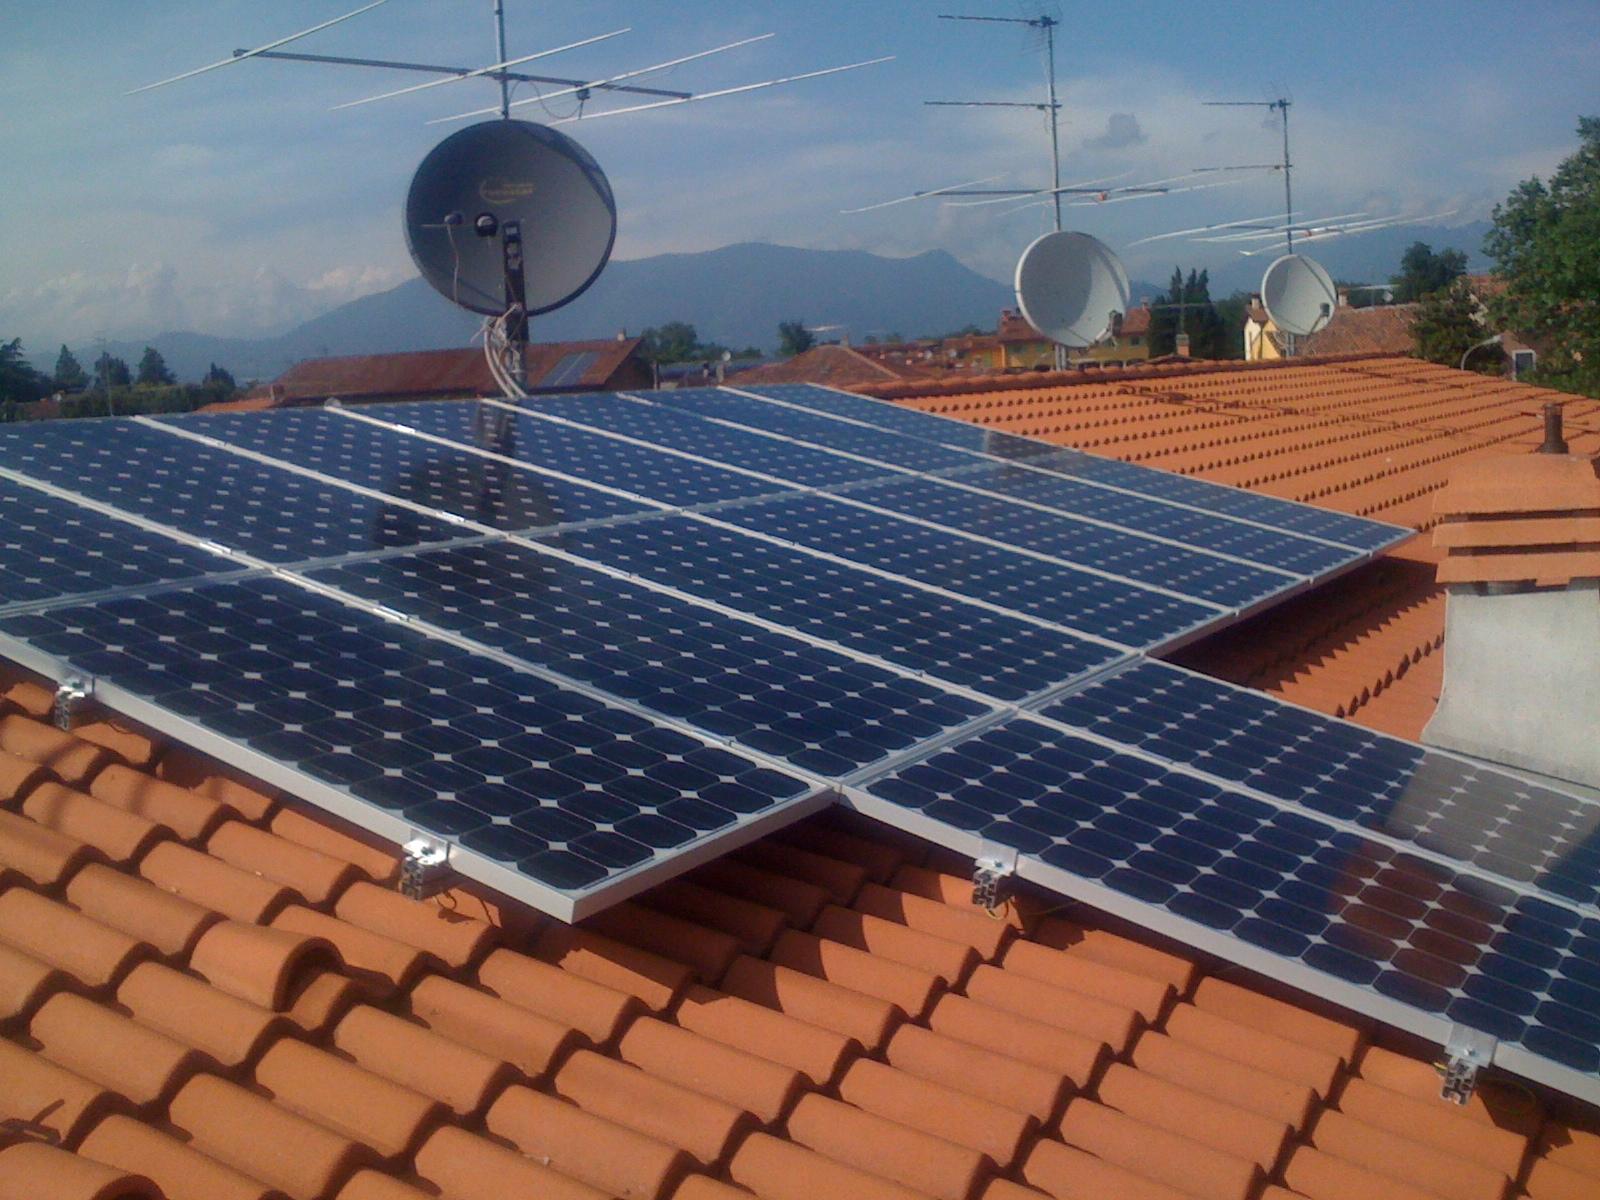 scegliere i pannelli solari per la propria casa